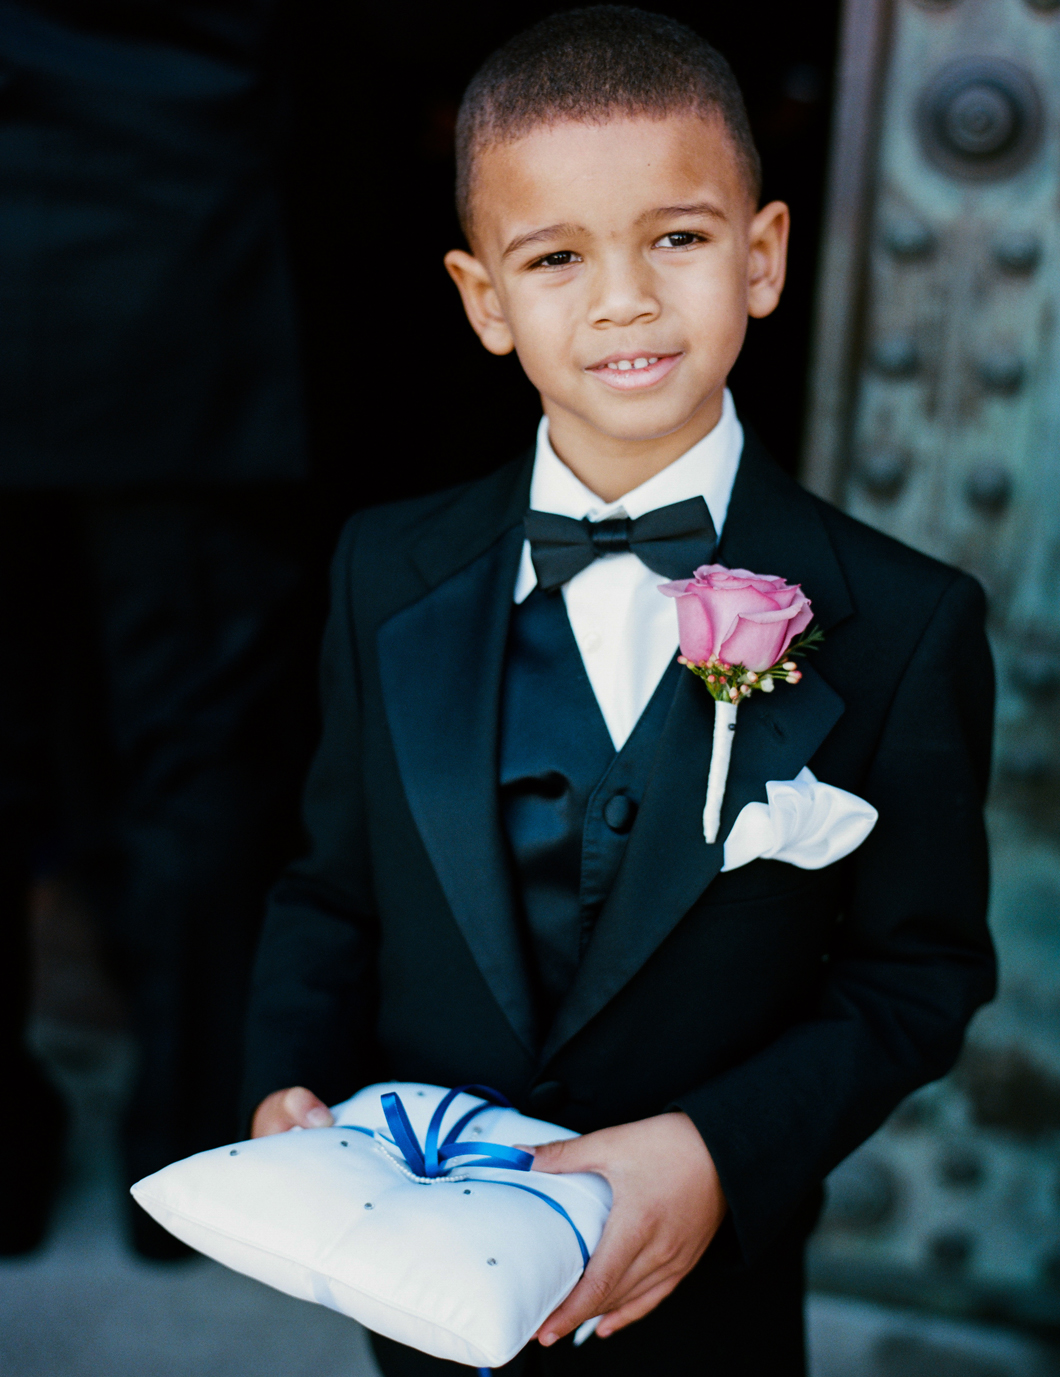 ring bearer tuxedo with rose